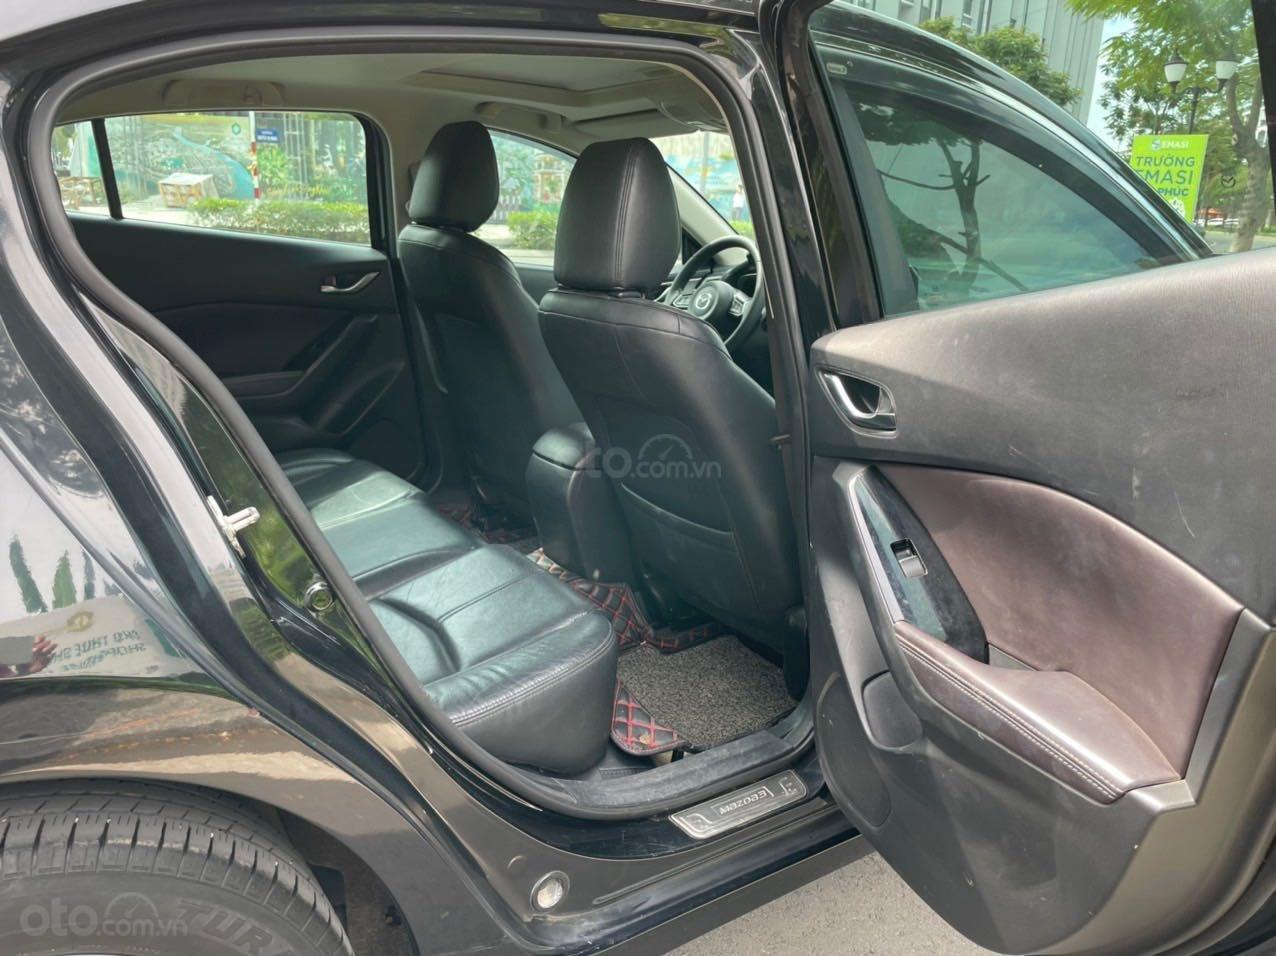 Cần bán xe Mazda 3 sản xuất 2018, màu đen xe gia đình giá chỉ 599 triệu đồng (12)